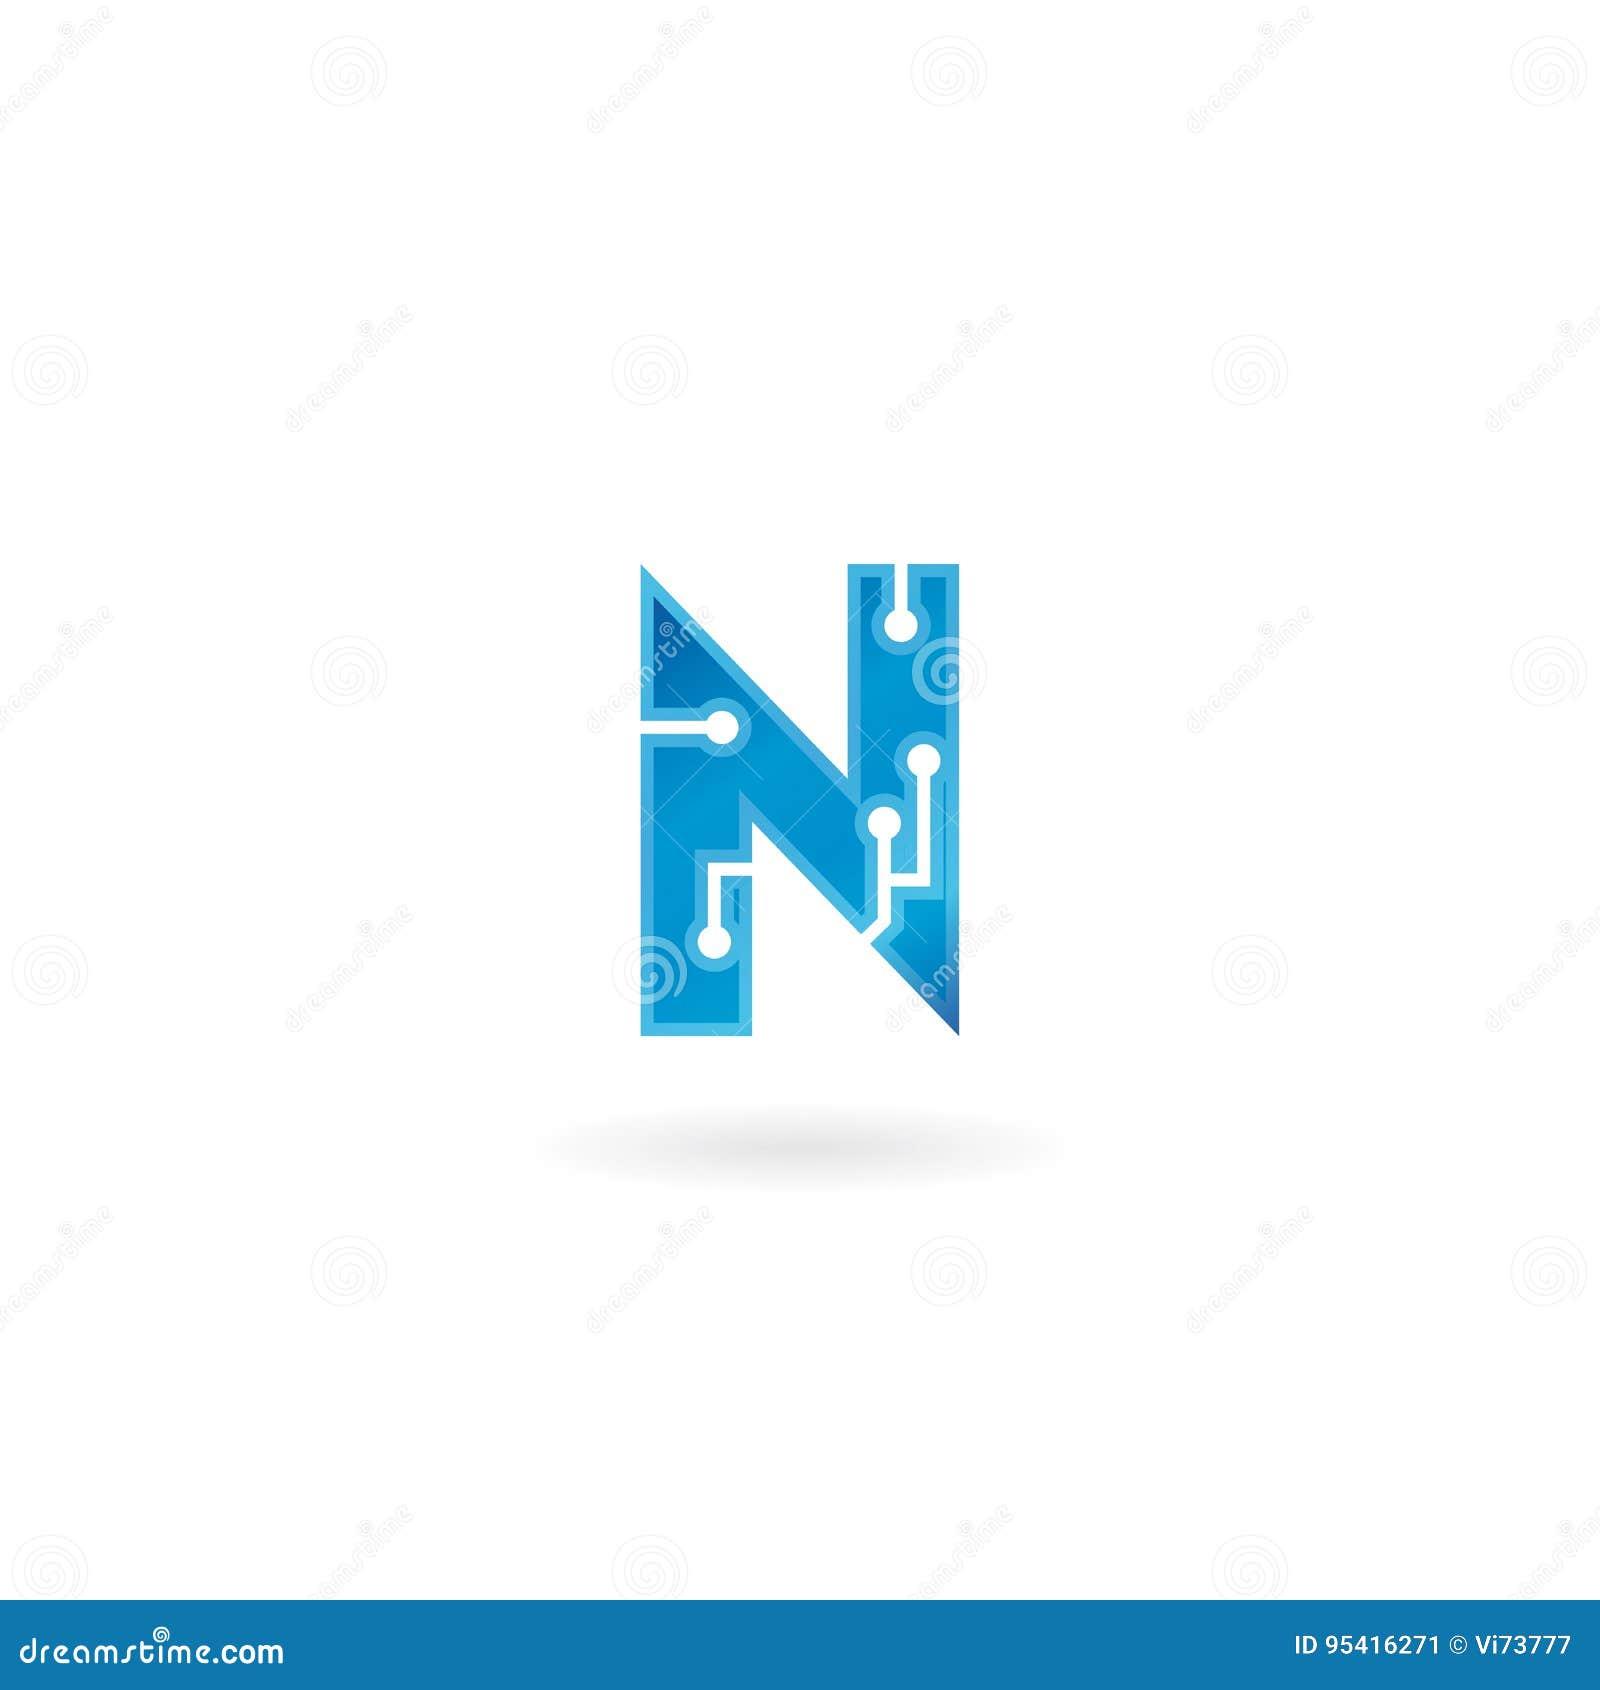 Buchstabe- Nikone Intelligentes Logo, Computer und Daten der Technologie bezogen sich das Geschäft, High-Tech und innovativ, elek